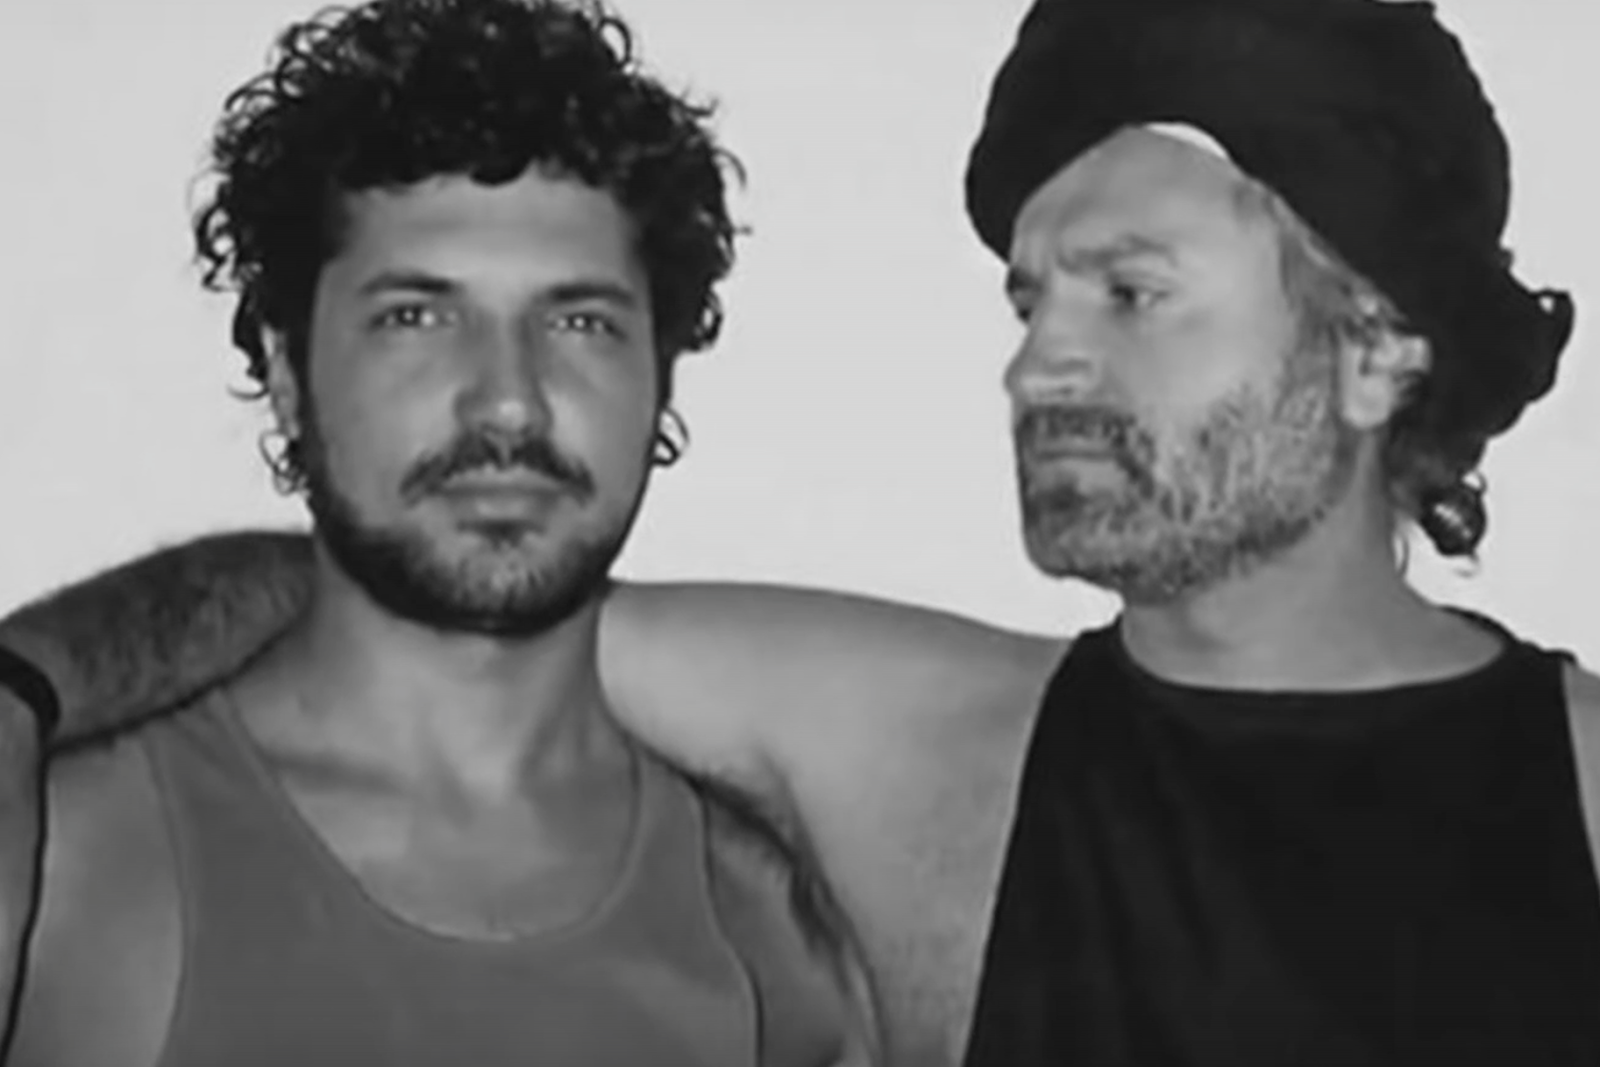 Bi Kot Bi Tişört: Gianni Versace Cinayeti ve Sonrasında ...